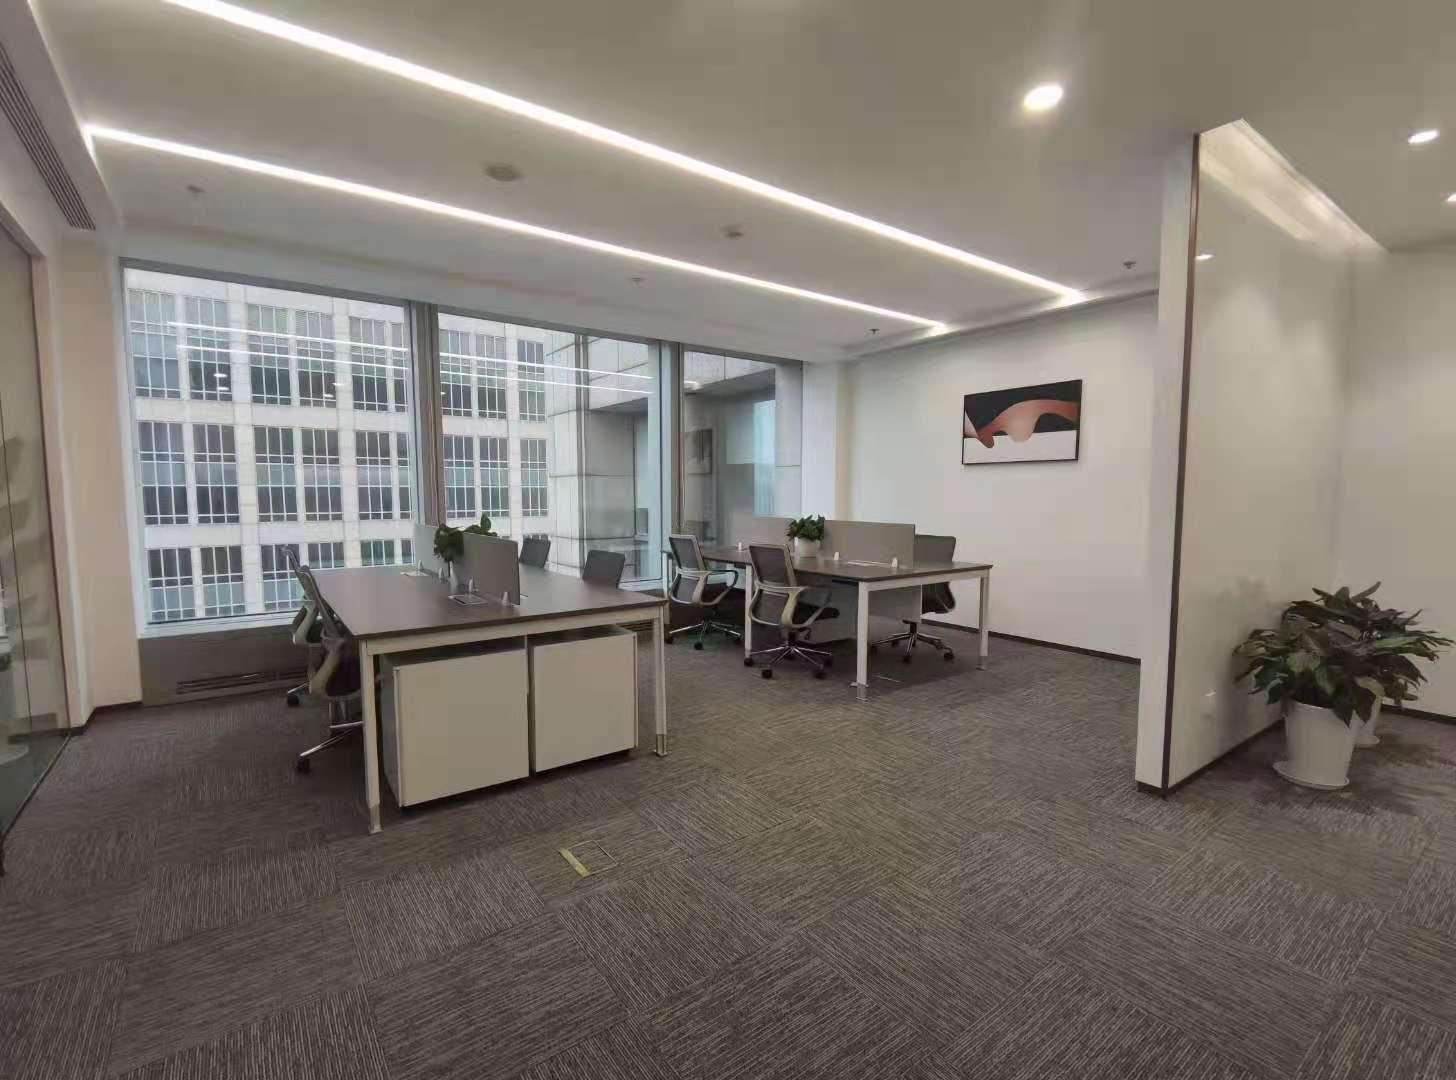 上海环球港共享办公室出租35人间带窗户